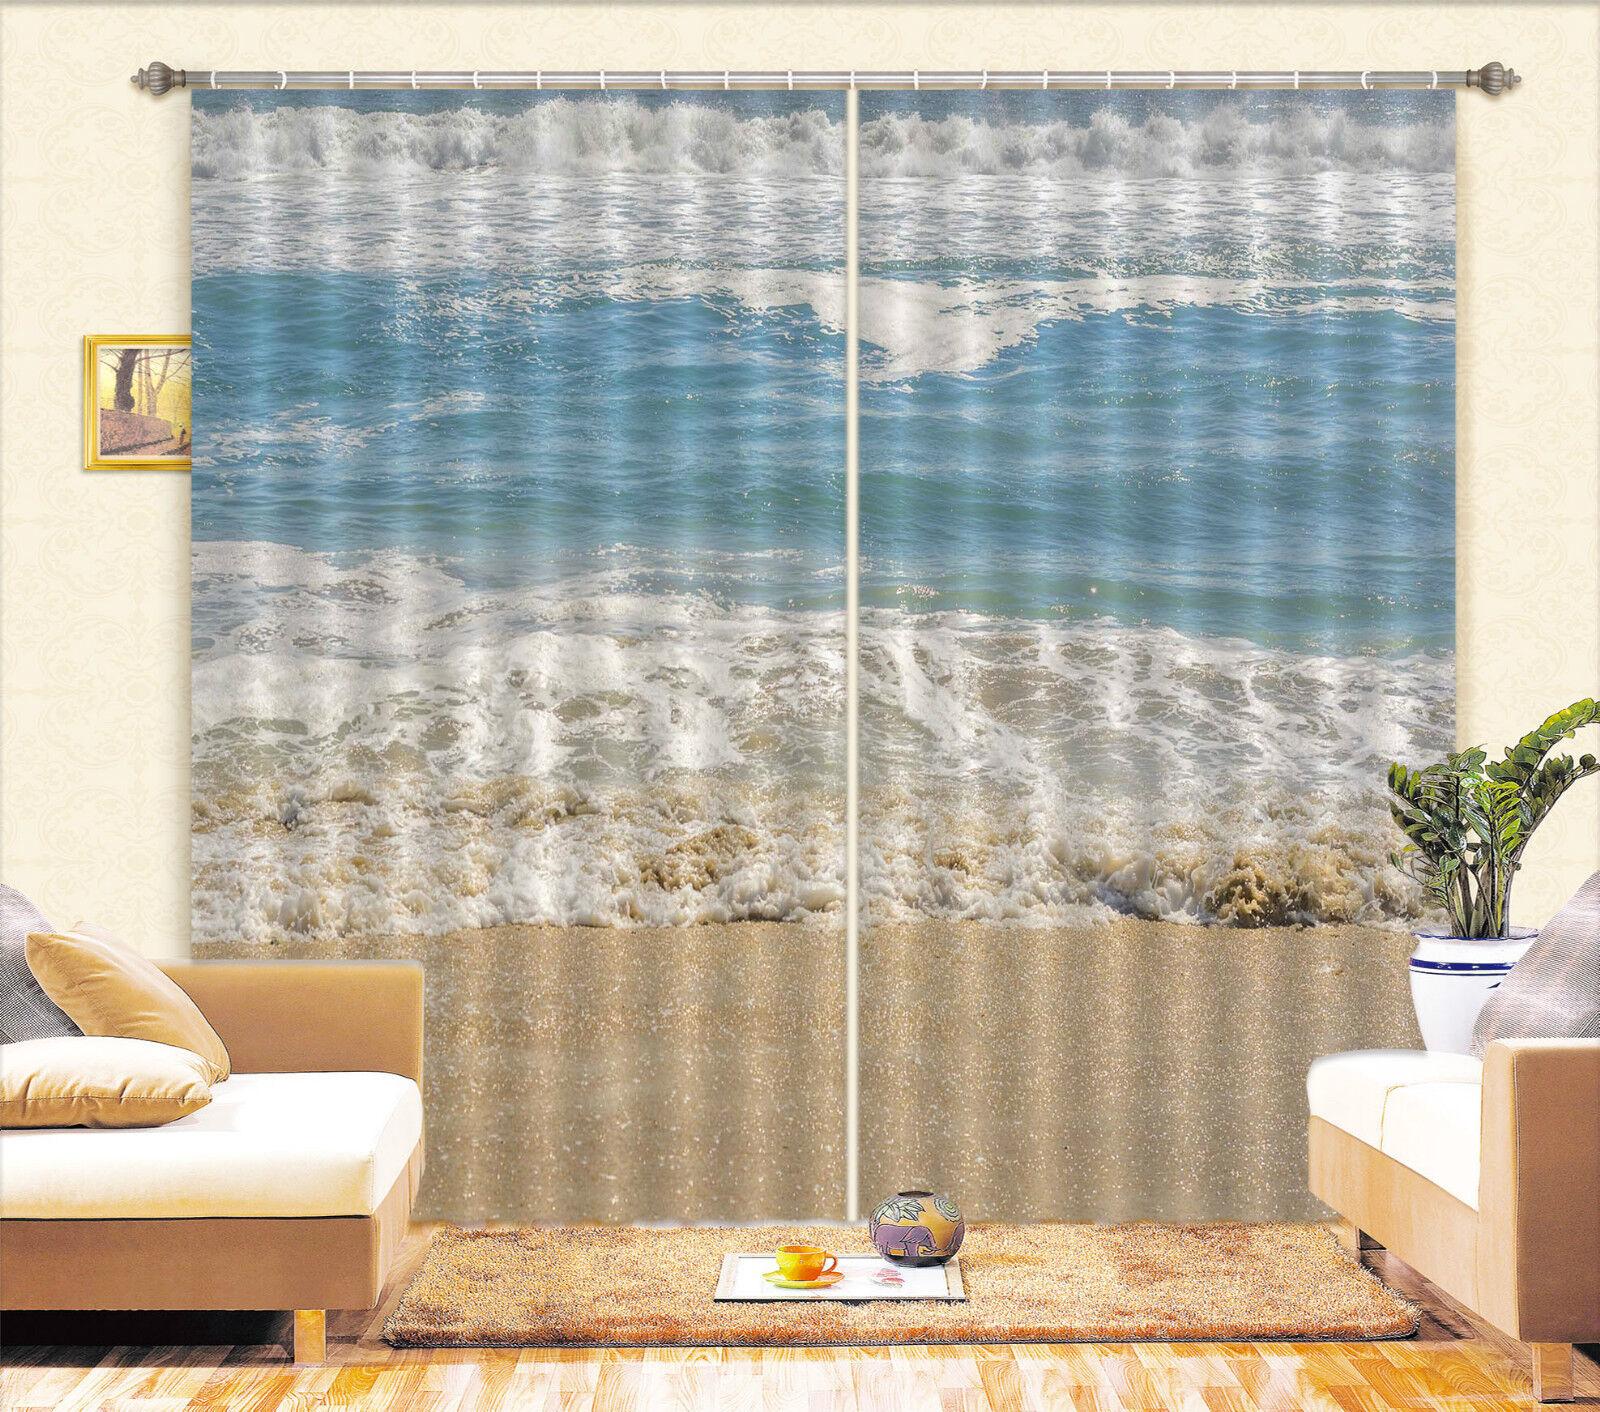 3d ondata di mare 5845 blocco foto sipario pressione sipario tende tessuto finestra de